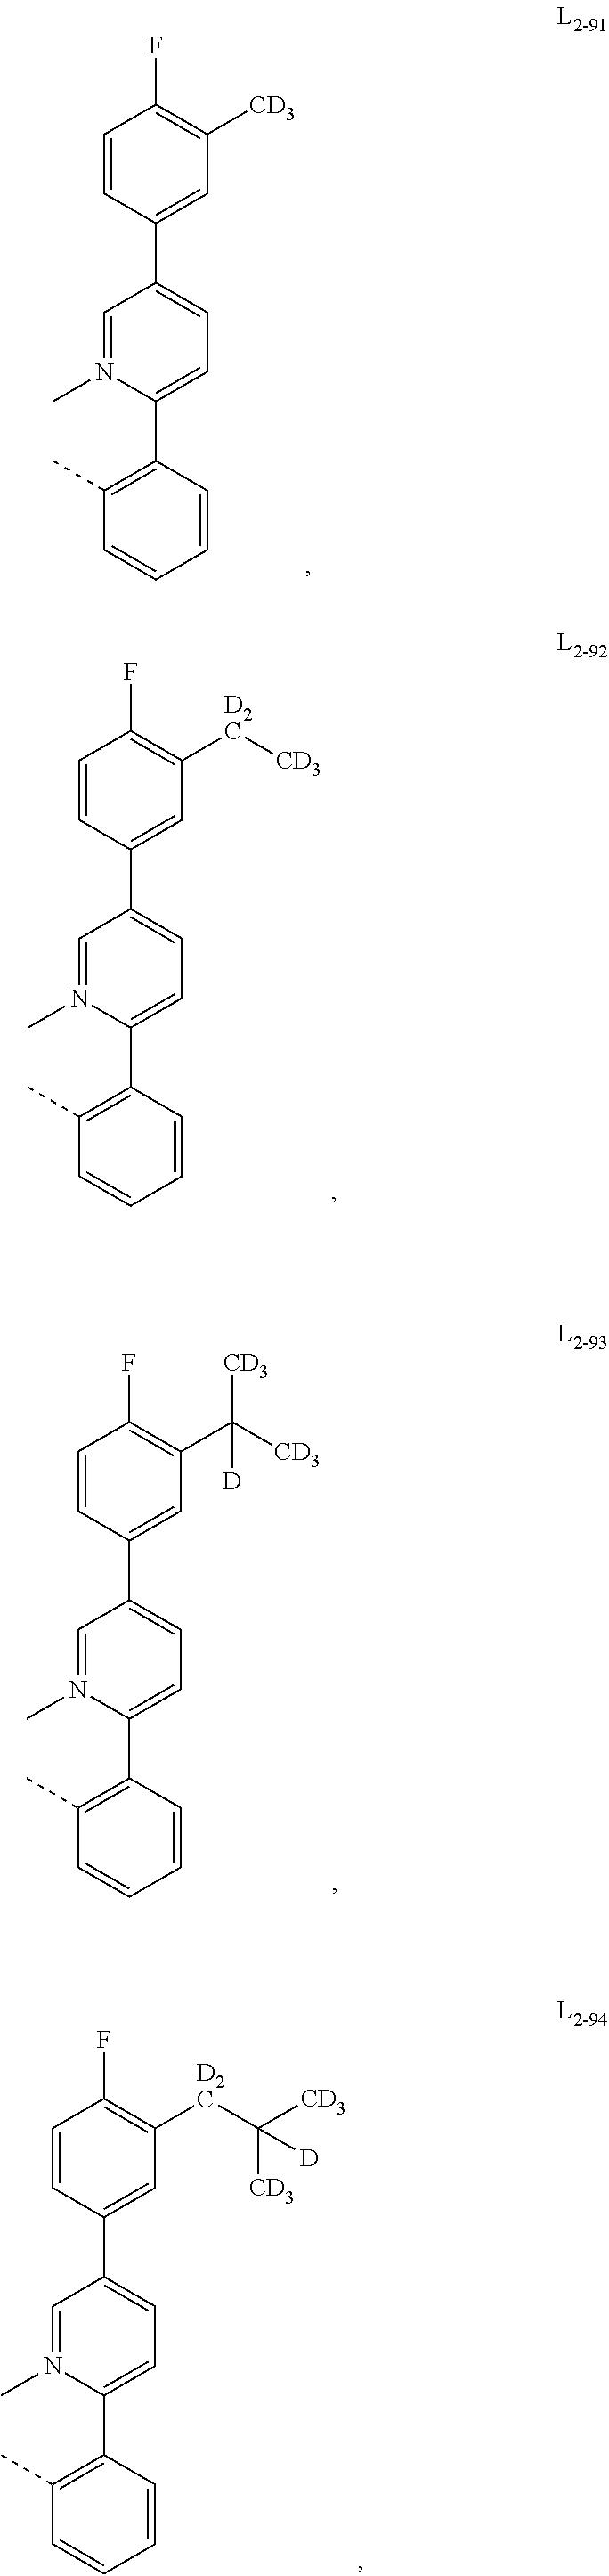 Figure US10074806-20180911-C00072